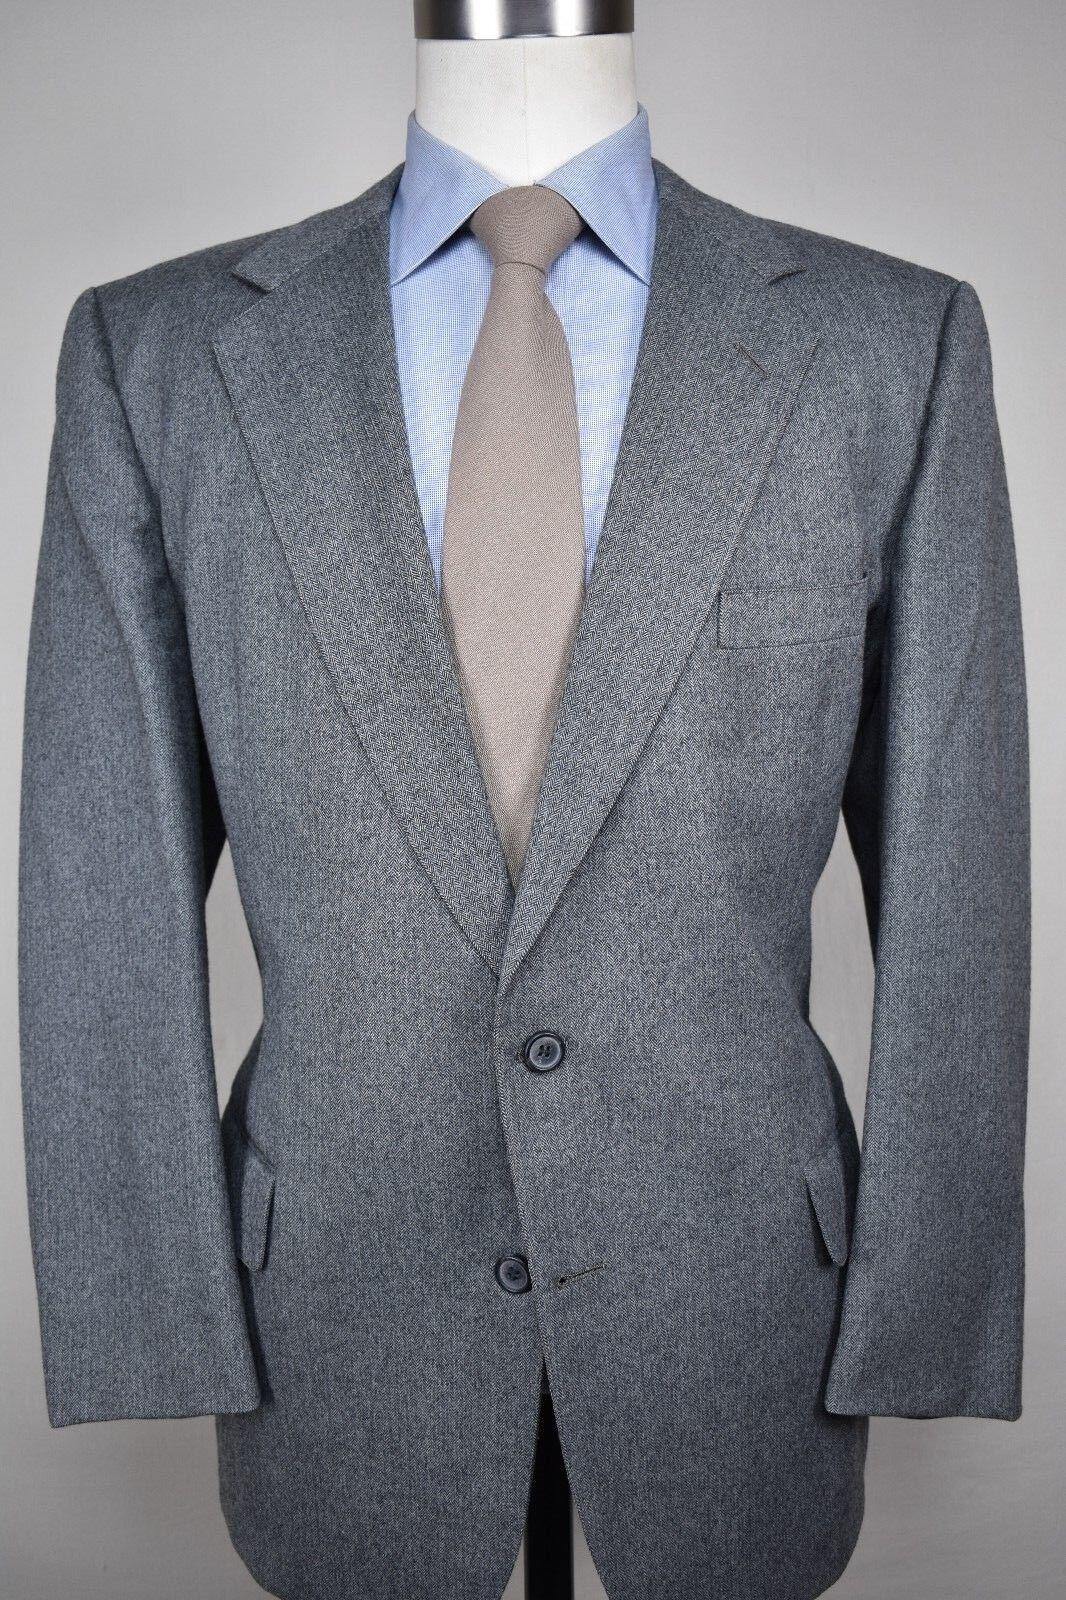 H. Freeman & Son Light grau Herringbone Worsted Wool Two Piece Suit Größe: 42R